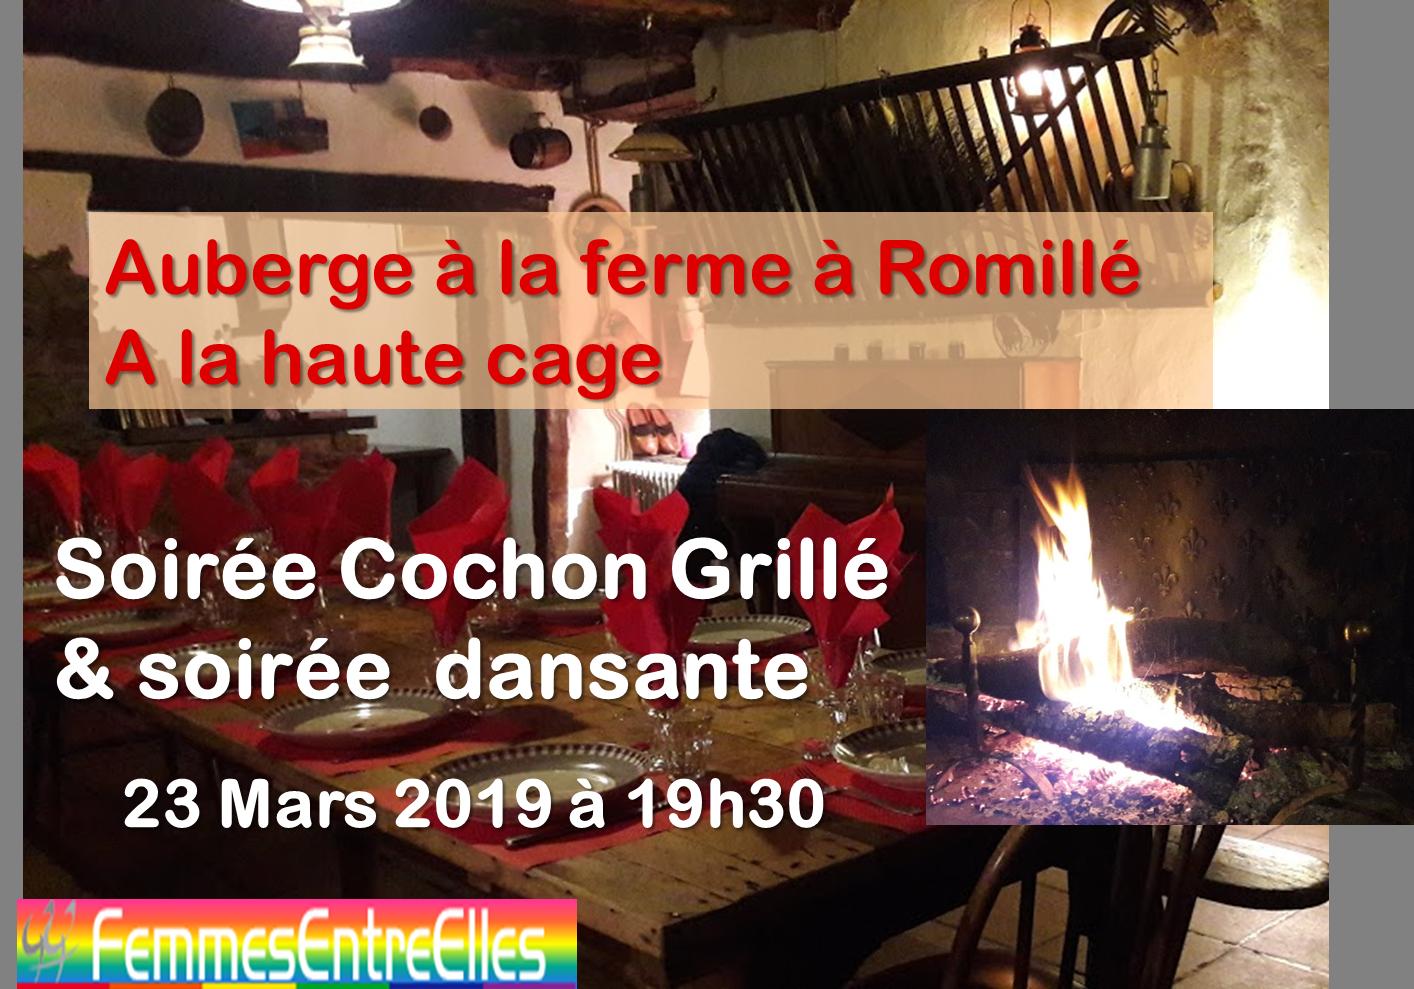 [FEE] : soirée cochon grillé dansante chez Marie Pierre le 23 Mars 2019